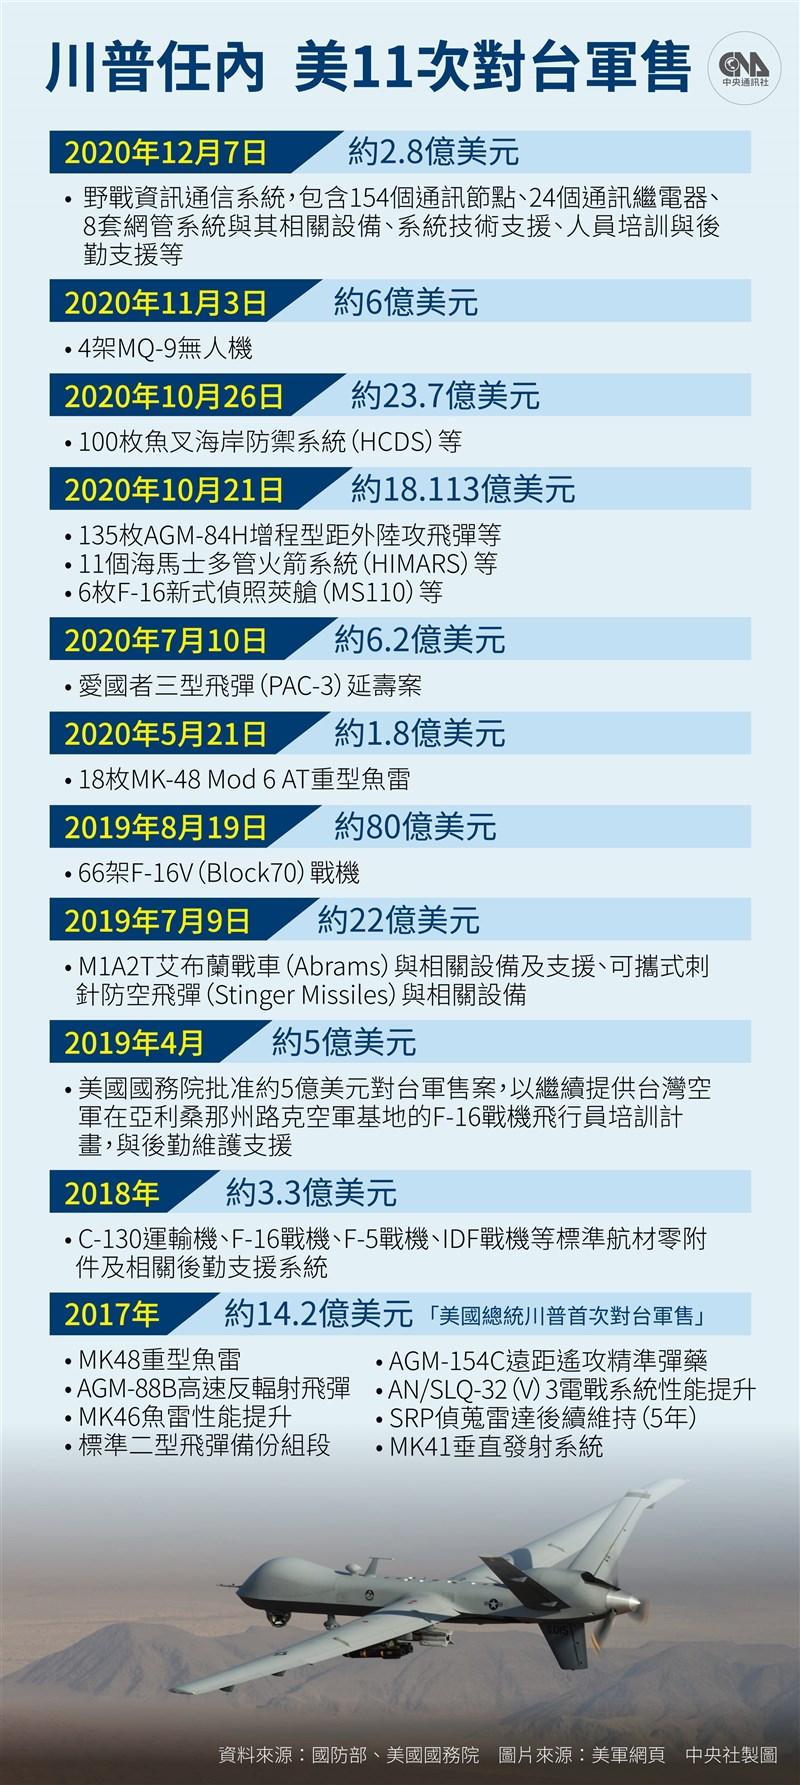 美國國防部7日宣布對台軍售案,出售台灣總額2.8億美元野戰資訊通信系統(FICS)。(中央社製圖)